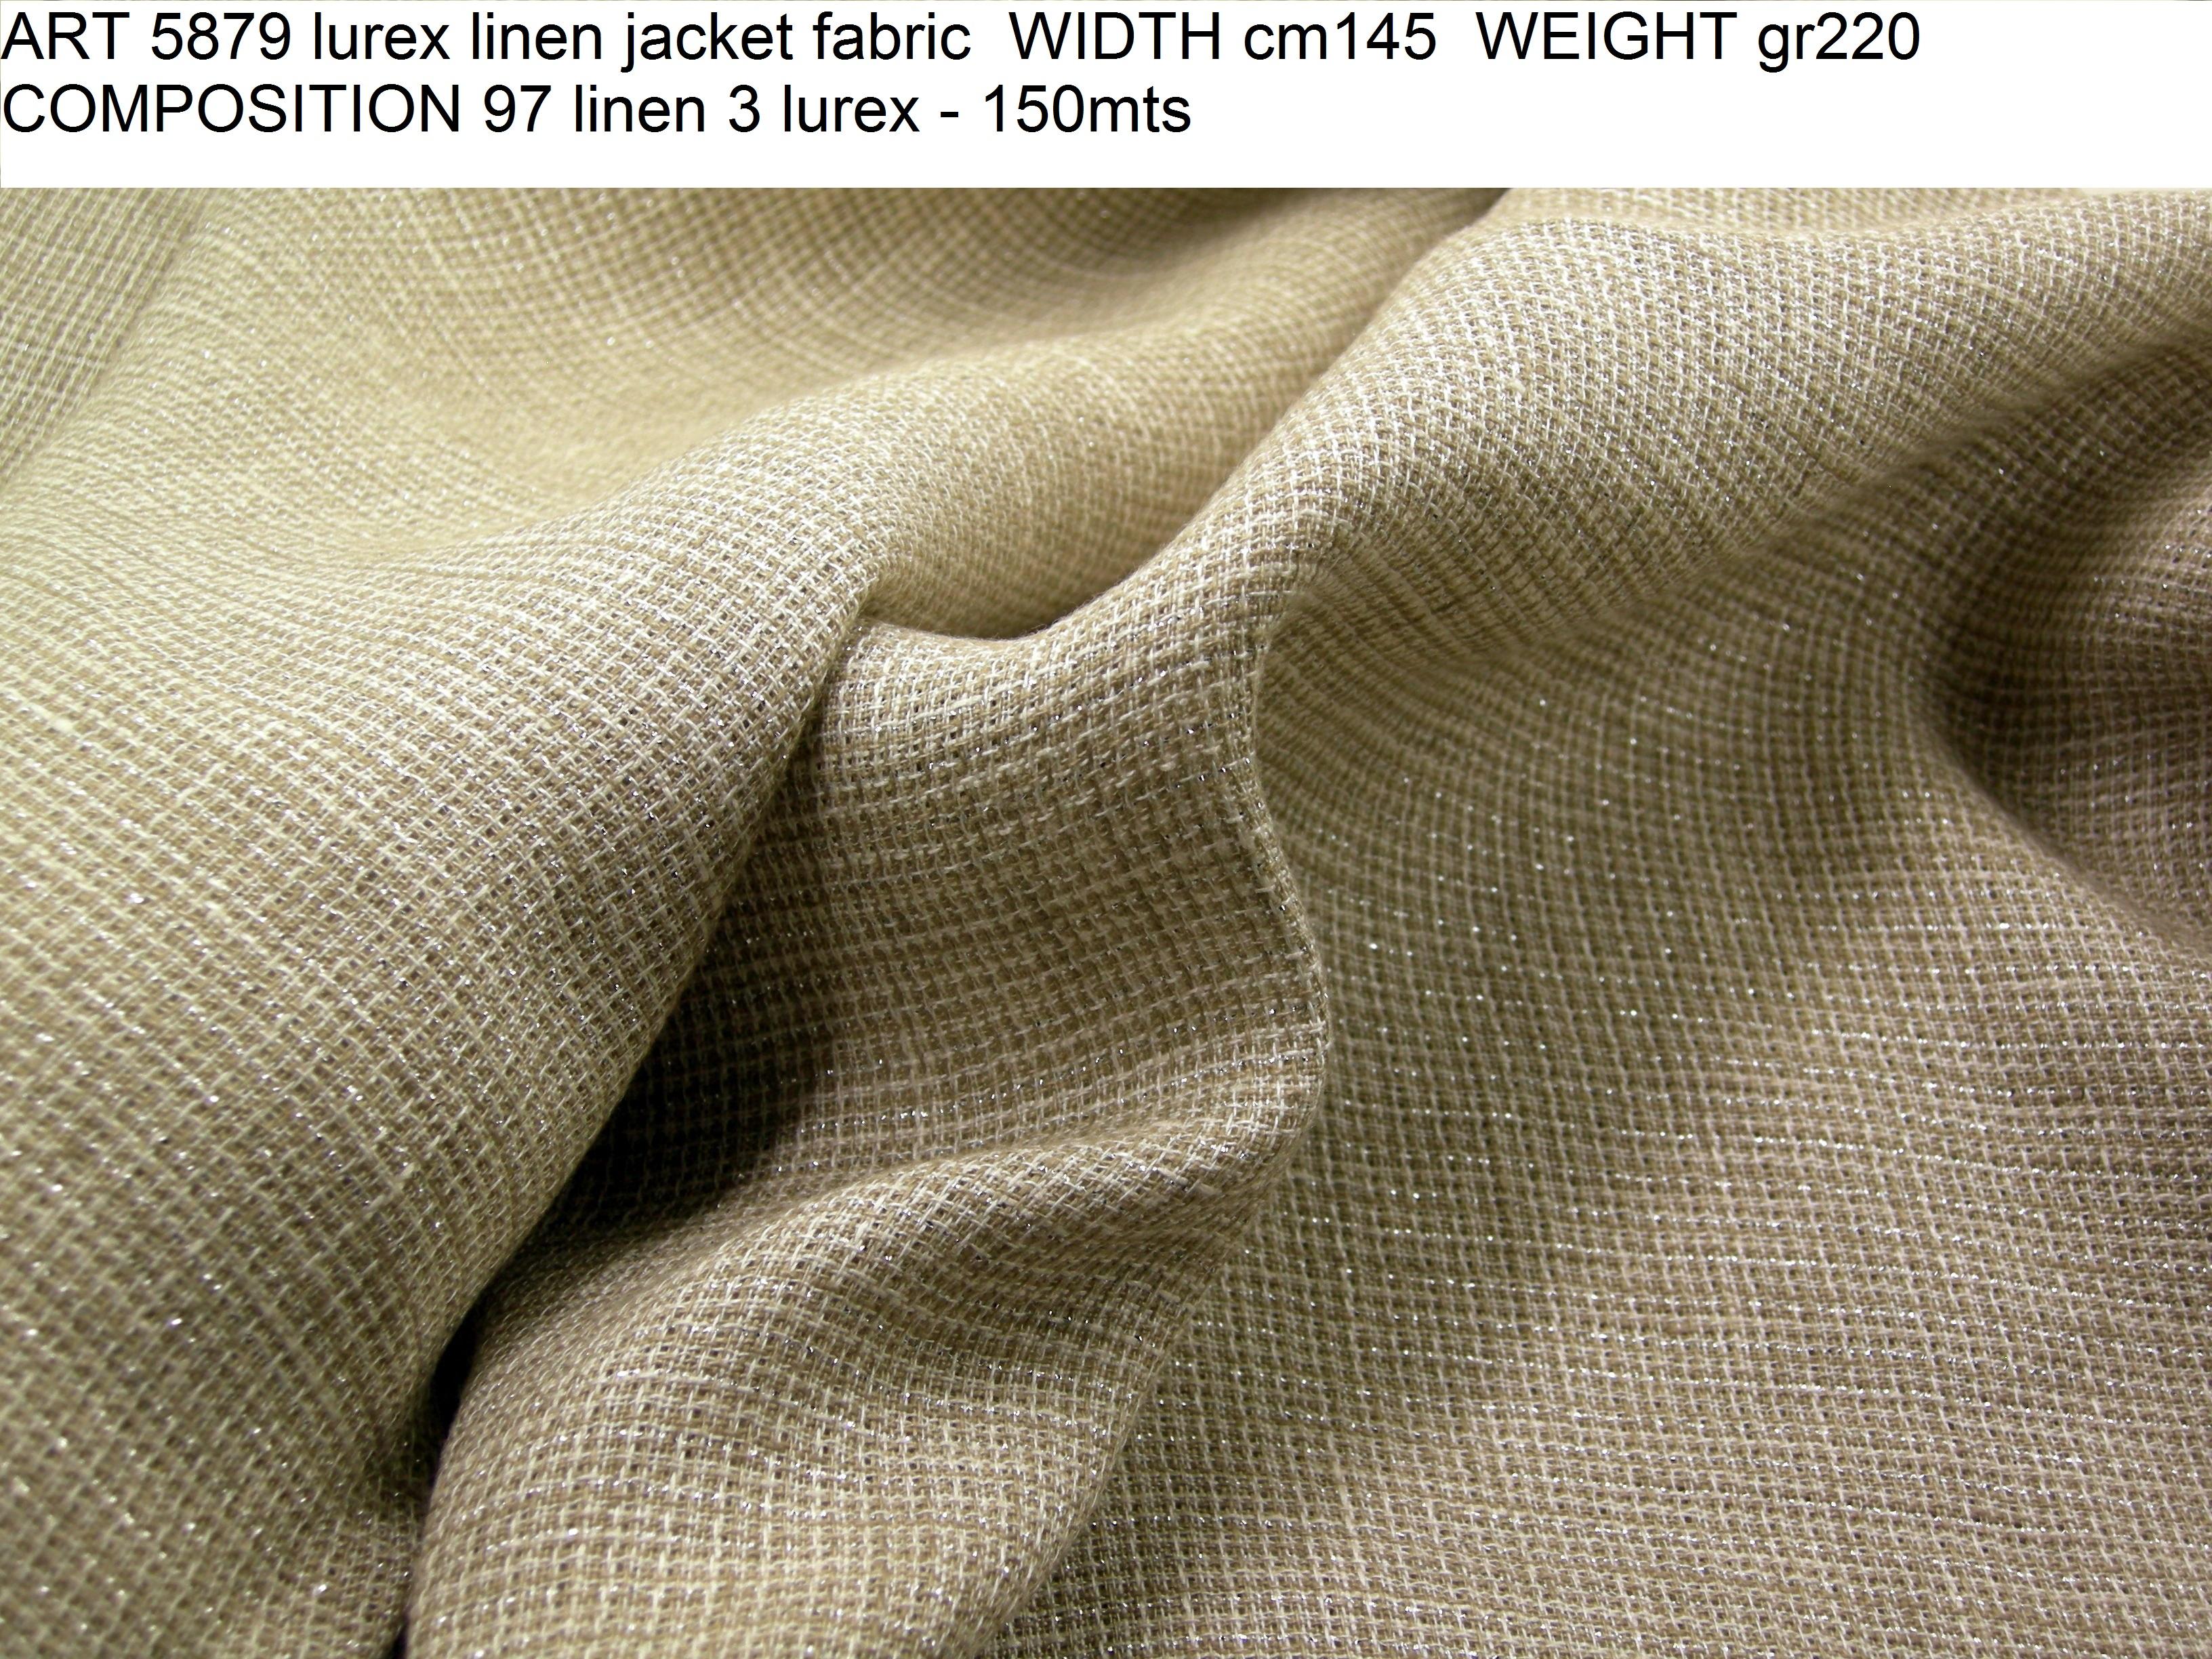 ART 5879 lurex linen jacket fabric WIDTH cm145 WEIGHT gr220 COMPOSITION 97 linen 3 lurex - 150mts